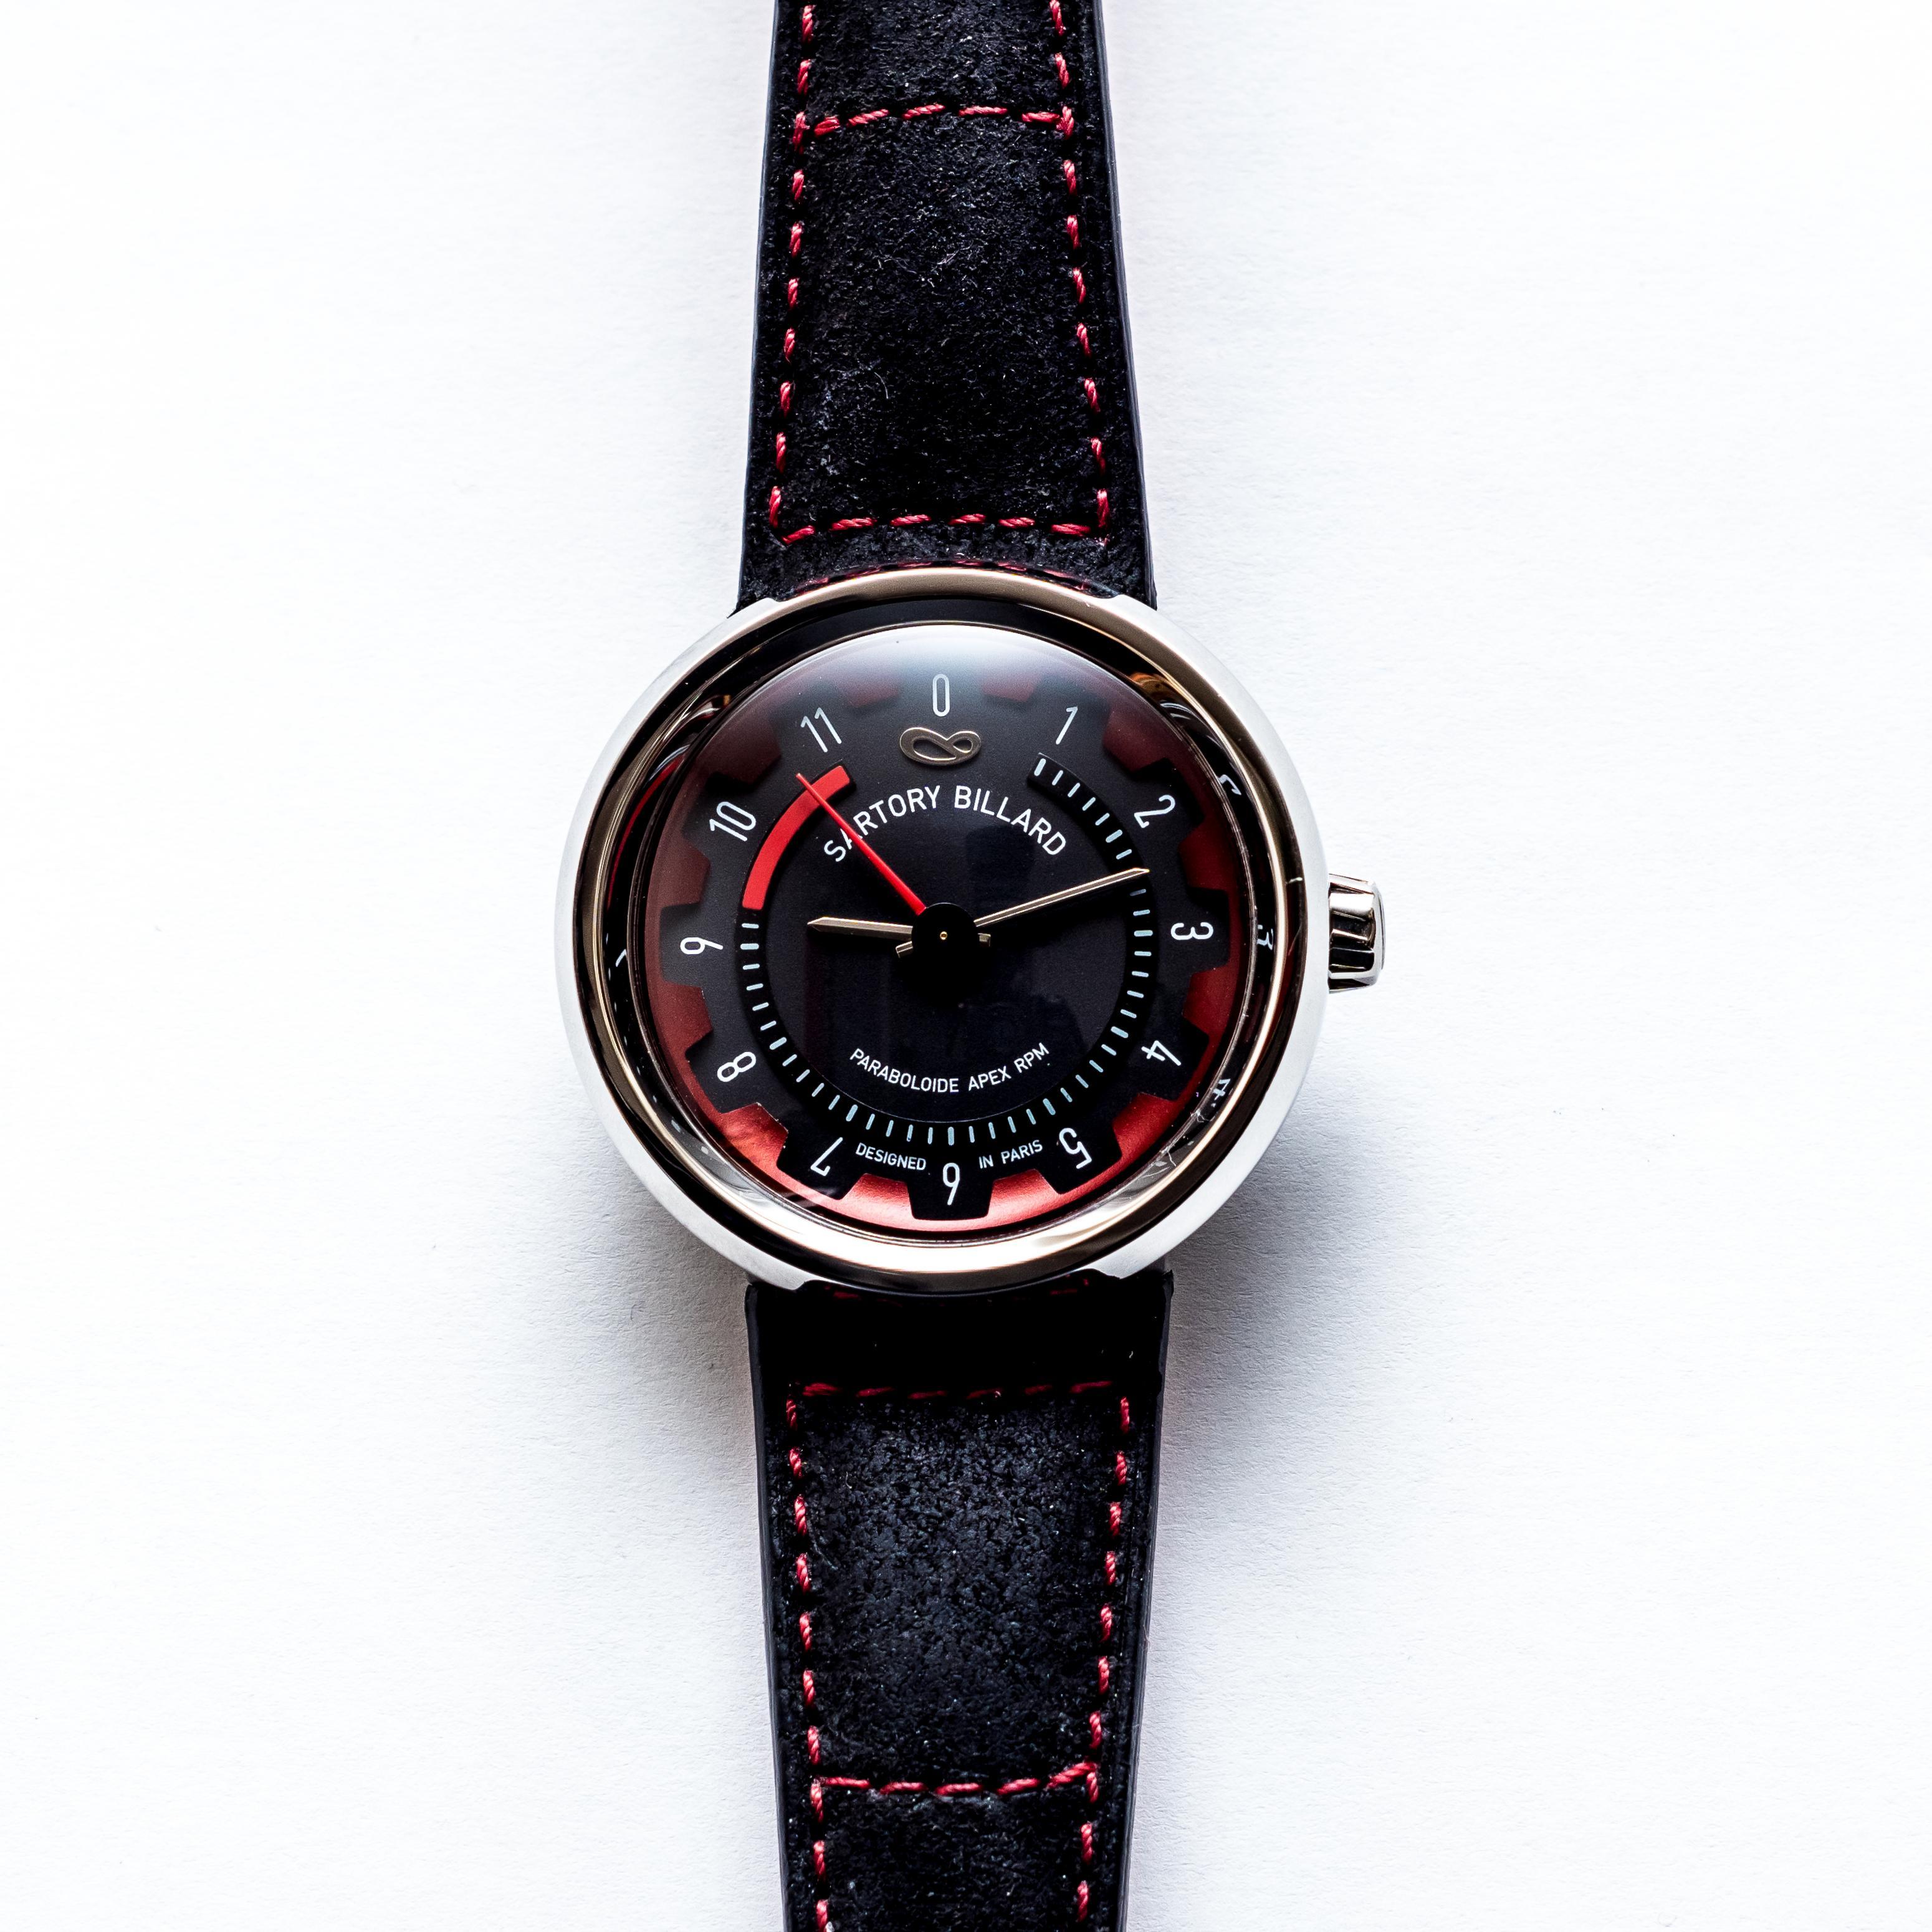 sartory - Naissance d'une nouvelle montre française : SARTORY BILLARD RPM01 - Page 2 SARTORY-BILLARD-fond-blanc-face